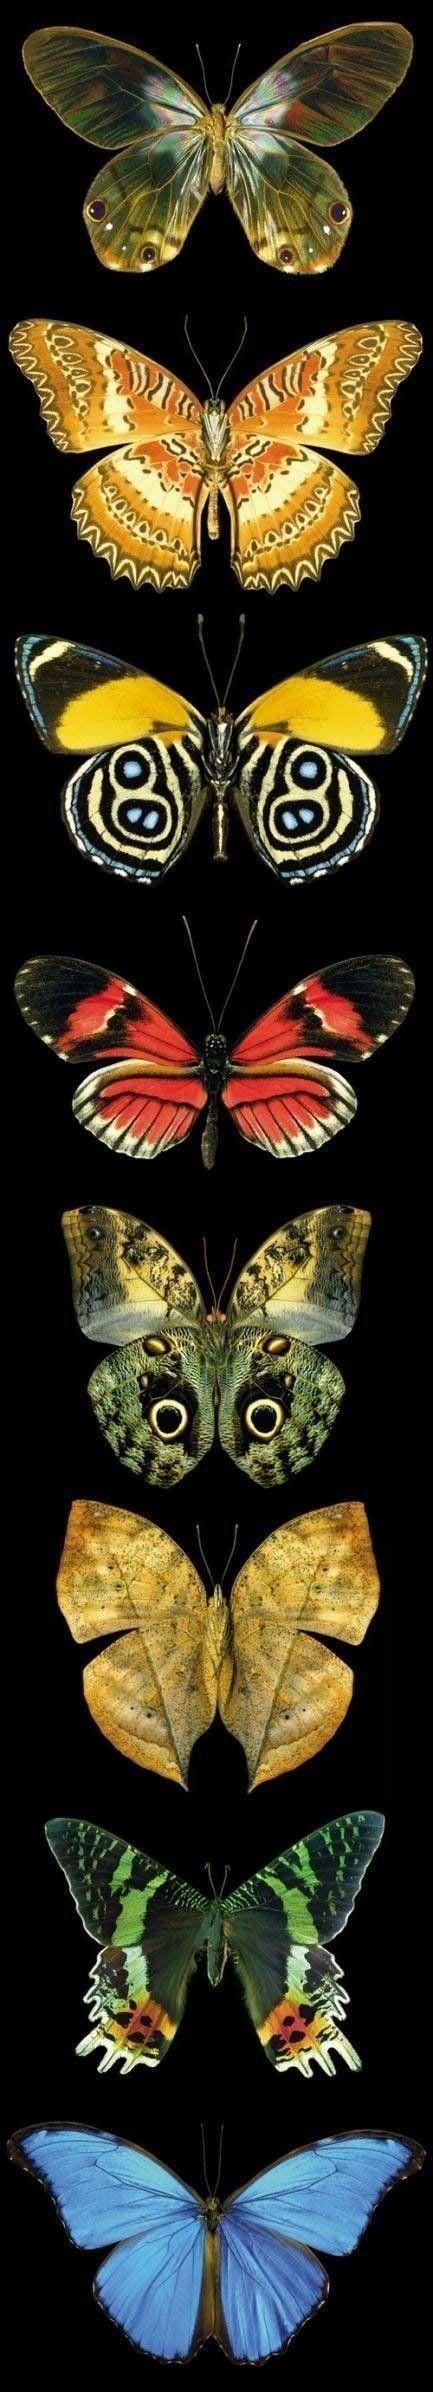 【世界上最美的八种蝴蝶】透翅蝶、豹纹蛱蝶、8-8蝴蝶、邮差蝴蝶、猫头鹰蝴蝶、枯叶蝶、太阳毒蛾、蓝闪蝶